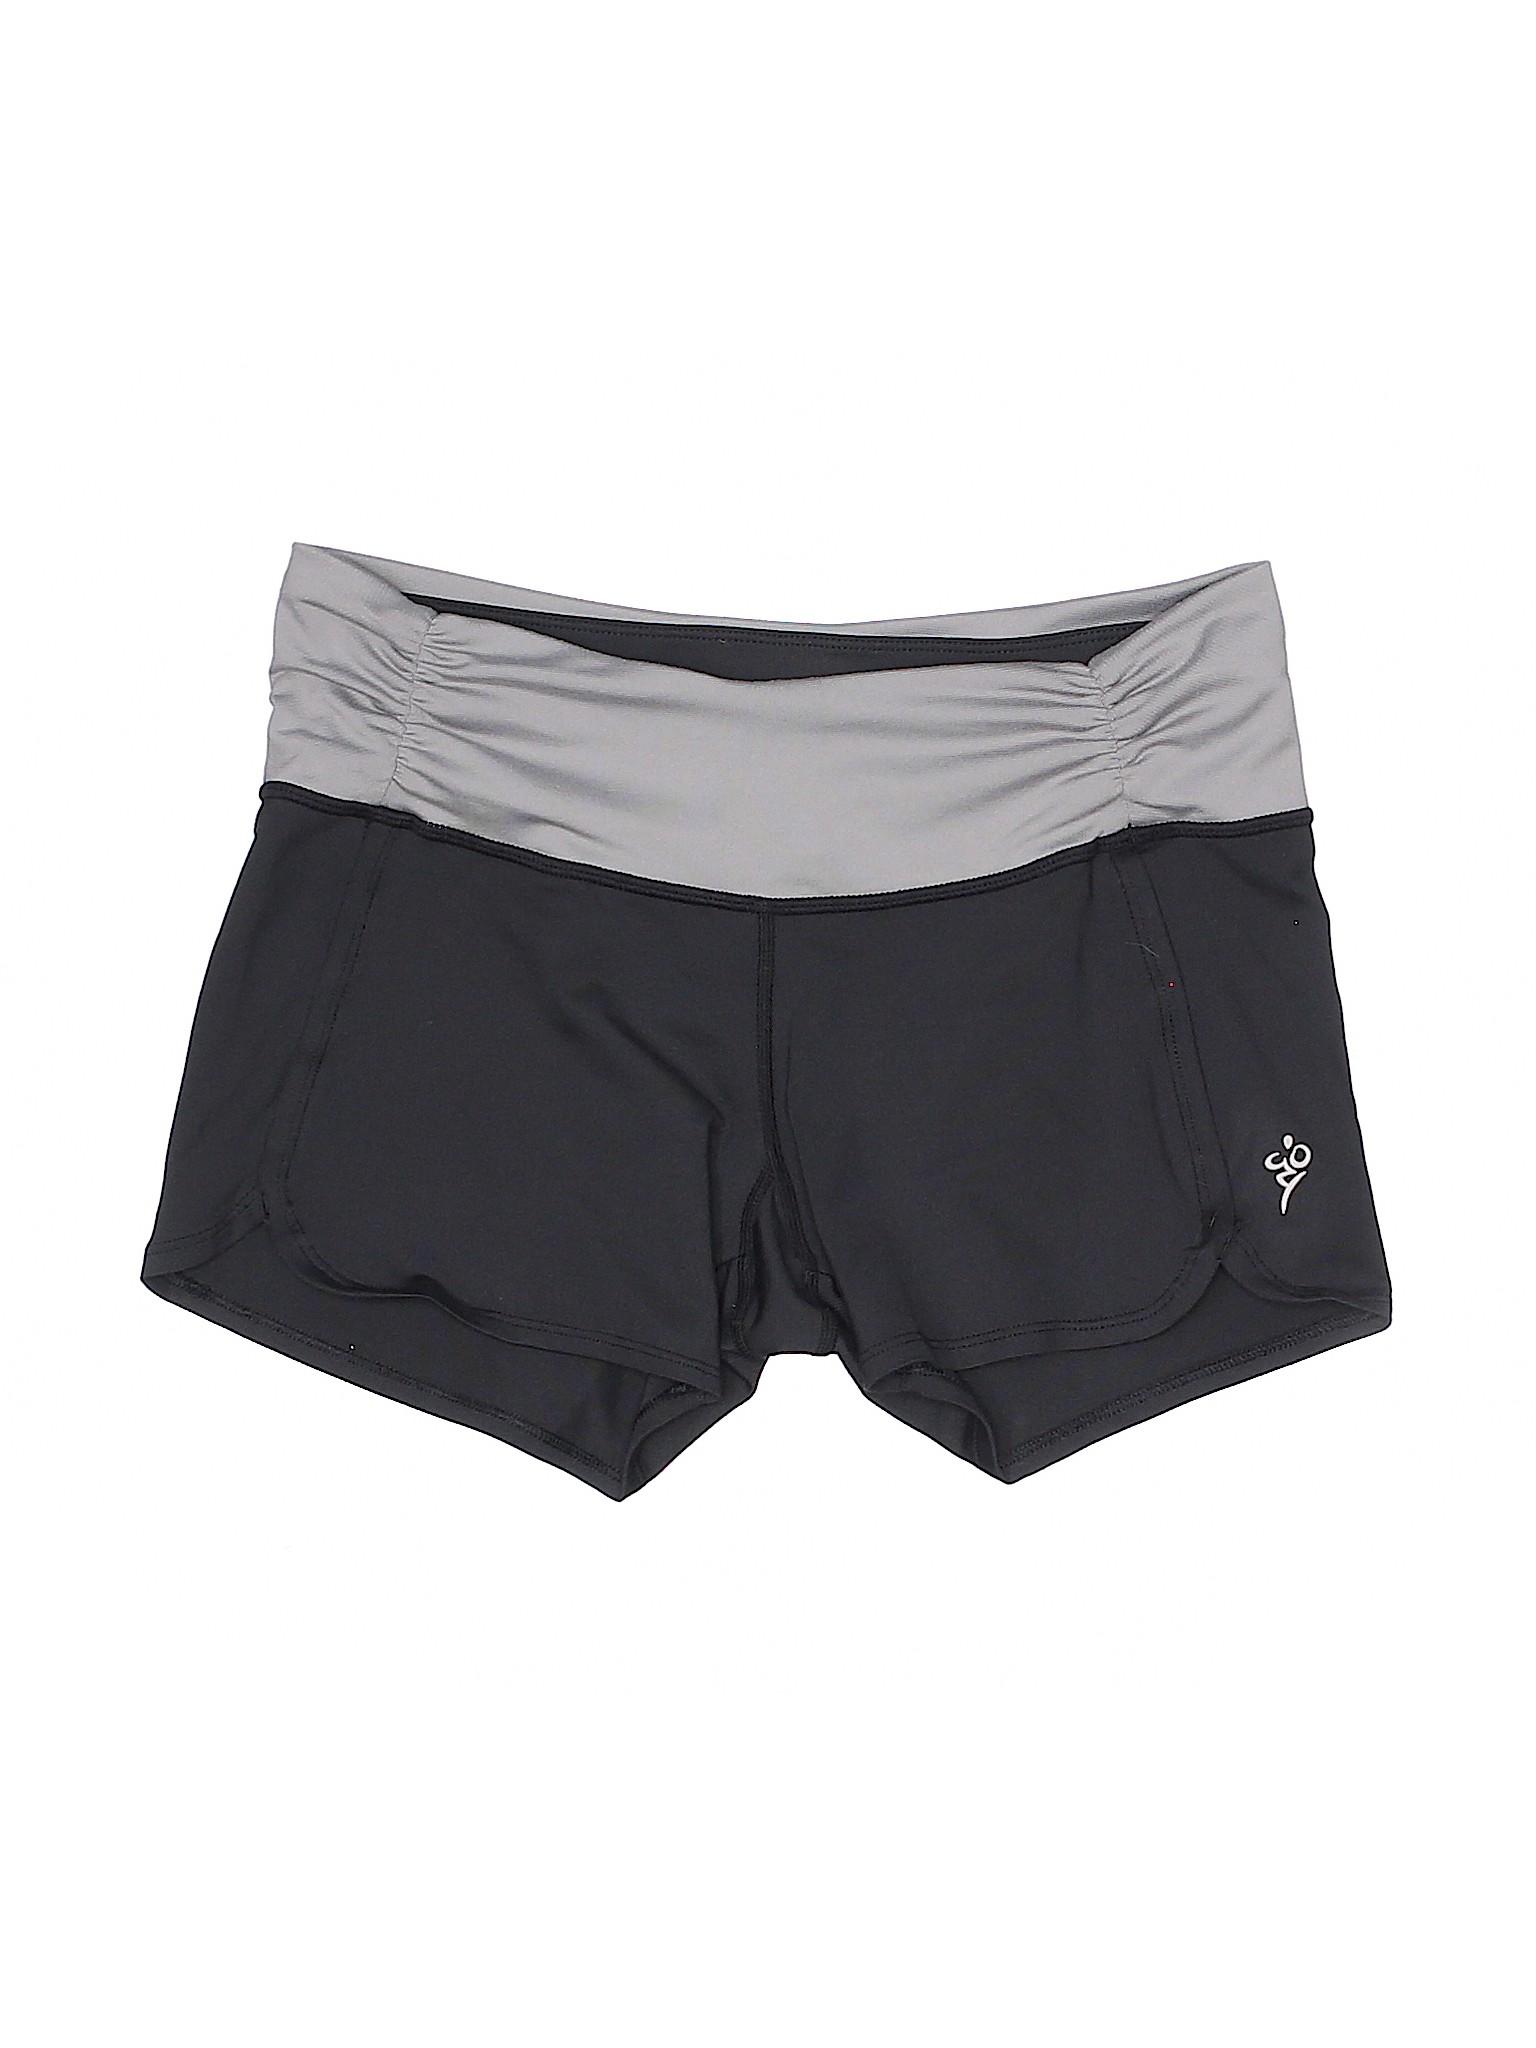 Boutique Boutique Shorts Athletic Cozy Orange Cozy 5Zx7rZFq